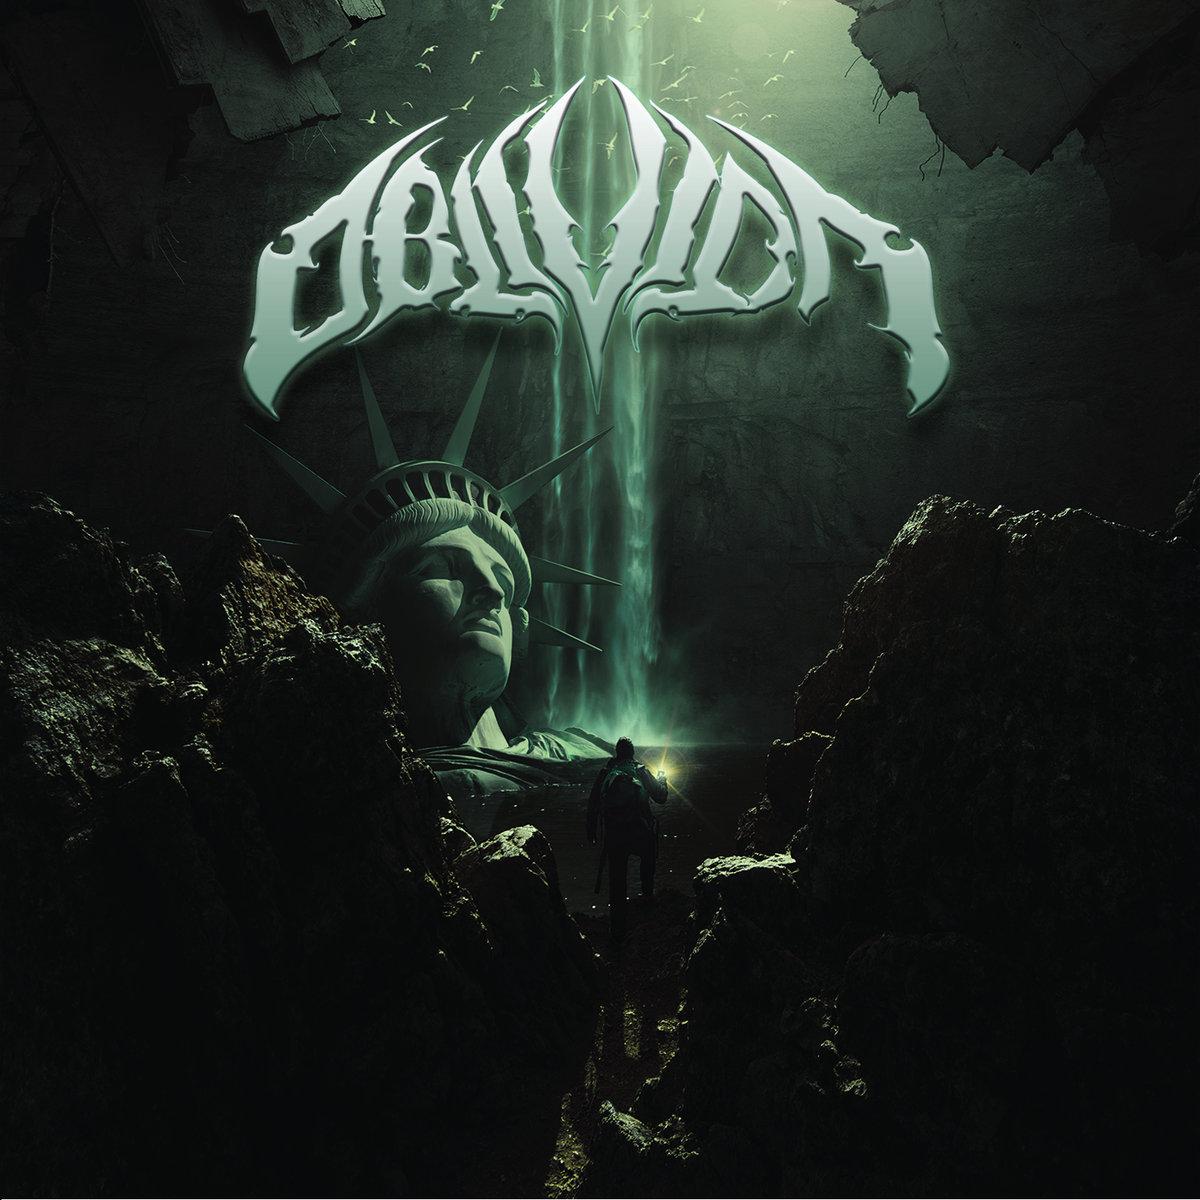 Oblivion : Oblivion